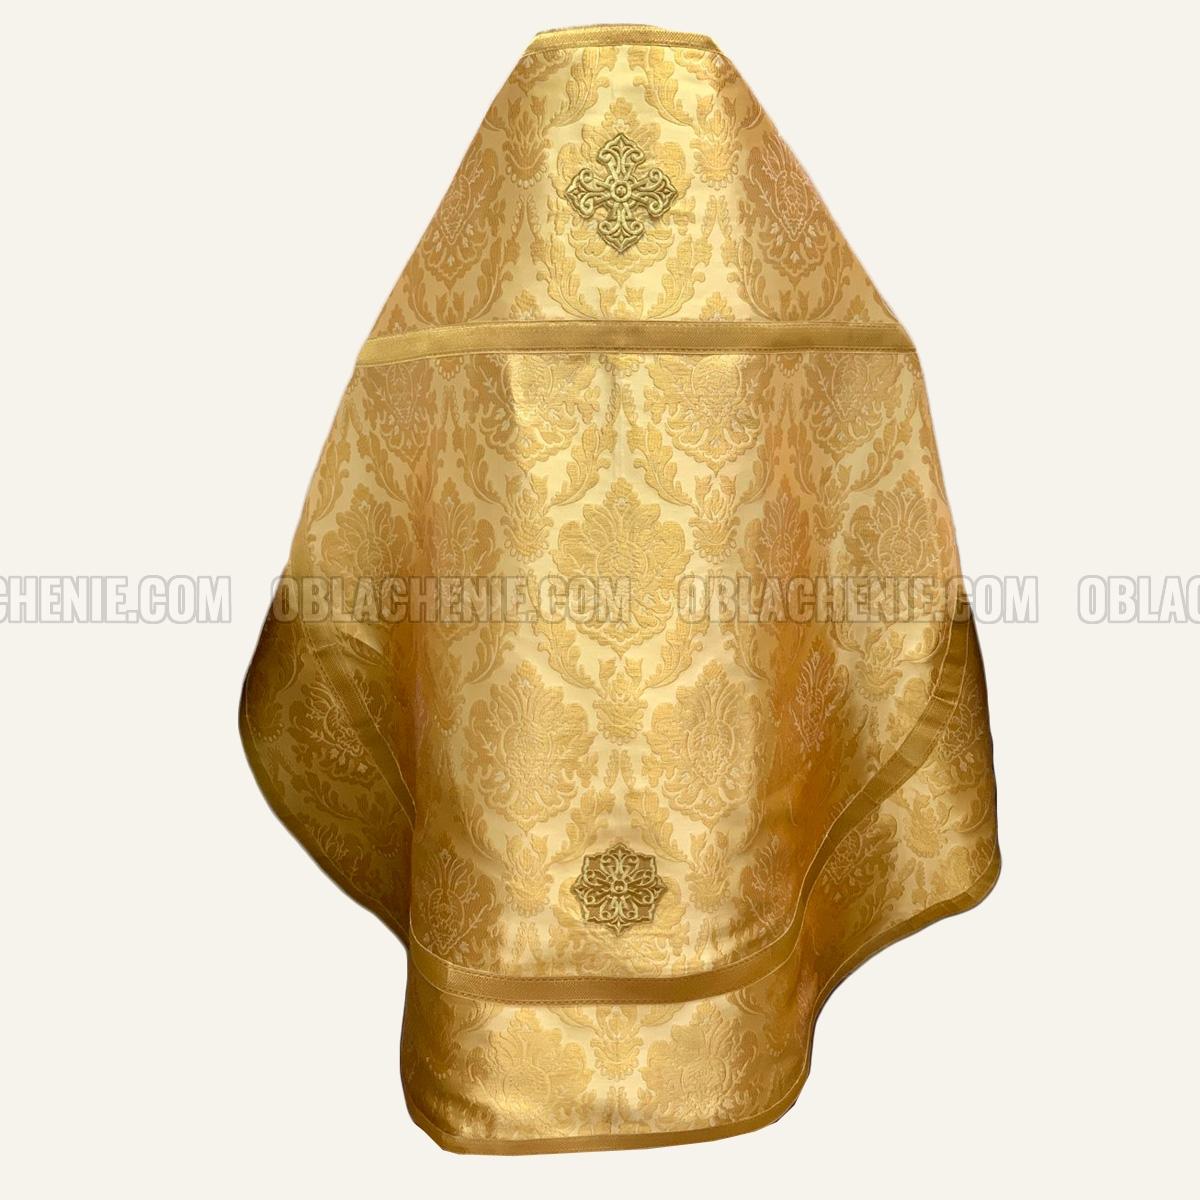 PRIEST'S VESTMENTS 10820